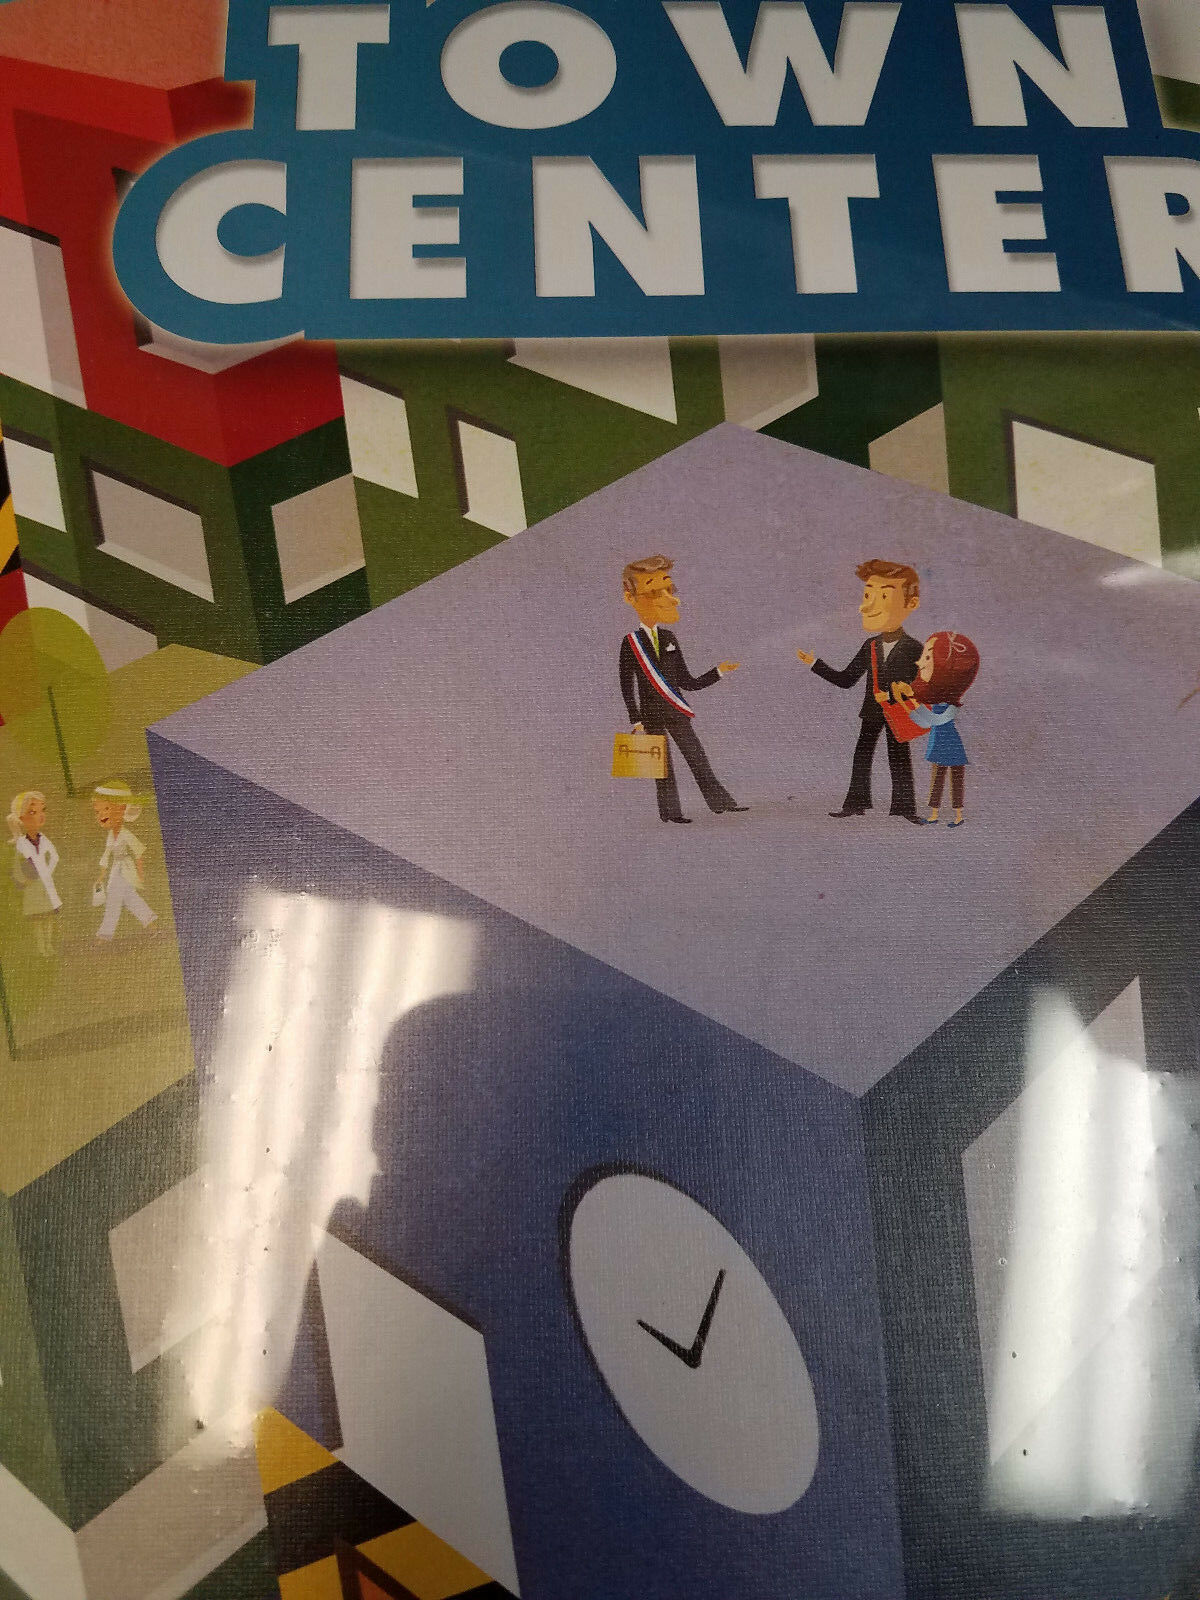 Town Center-ludicreations Juegos Juego De Mesa  nuevo